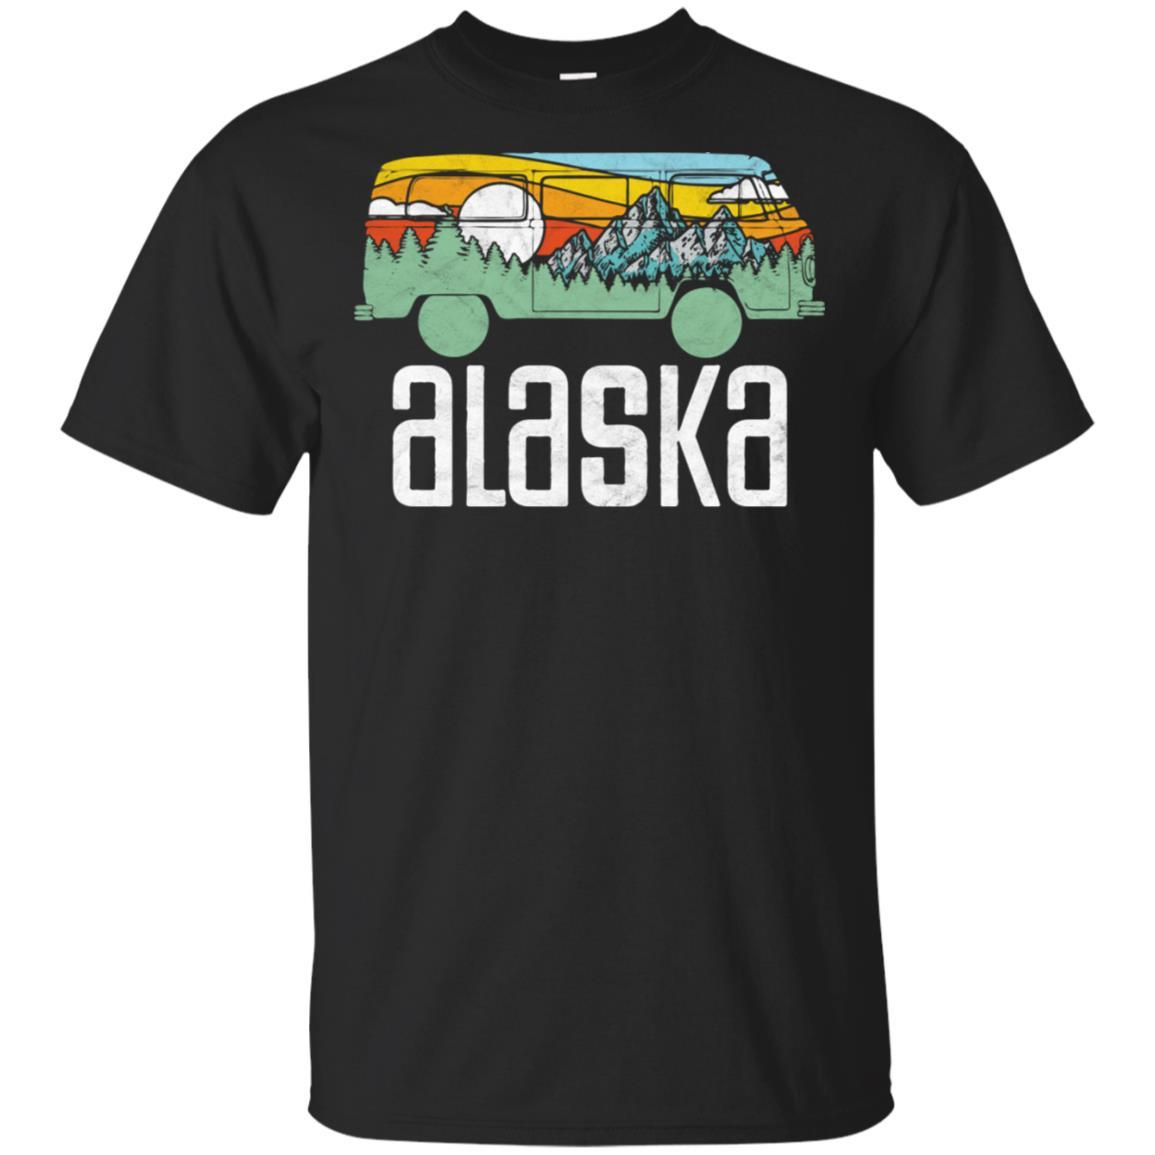 Retro Alaska Outdoor Hippie Van Nature Design T Unisex Short Sleeve